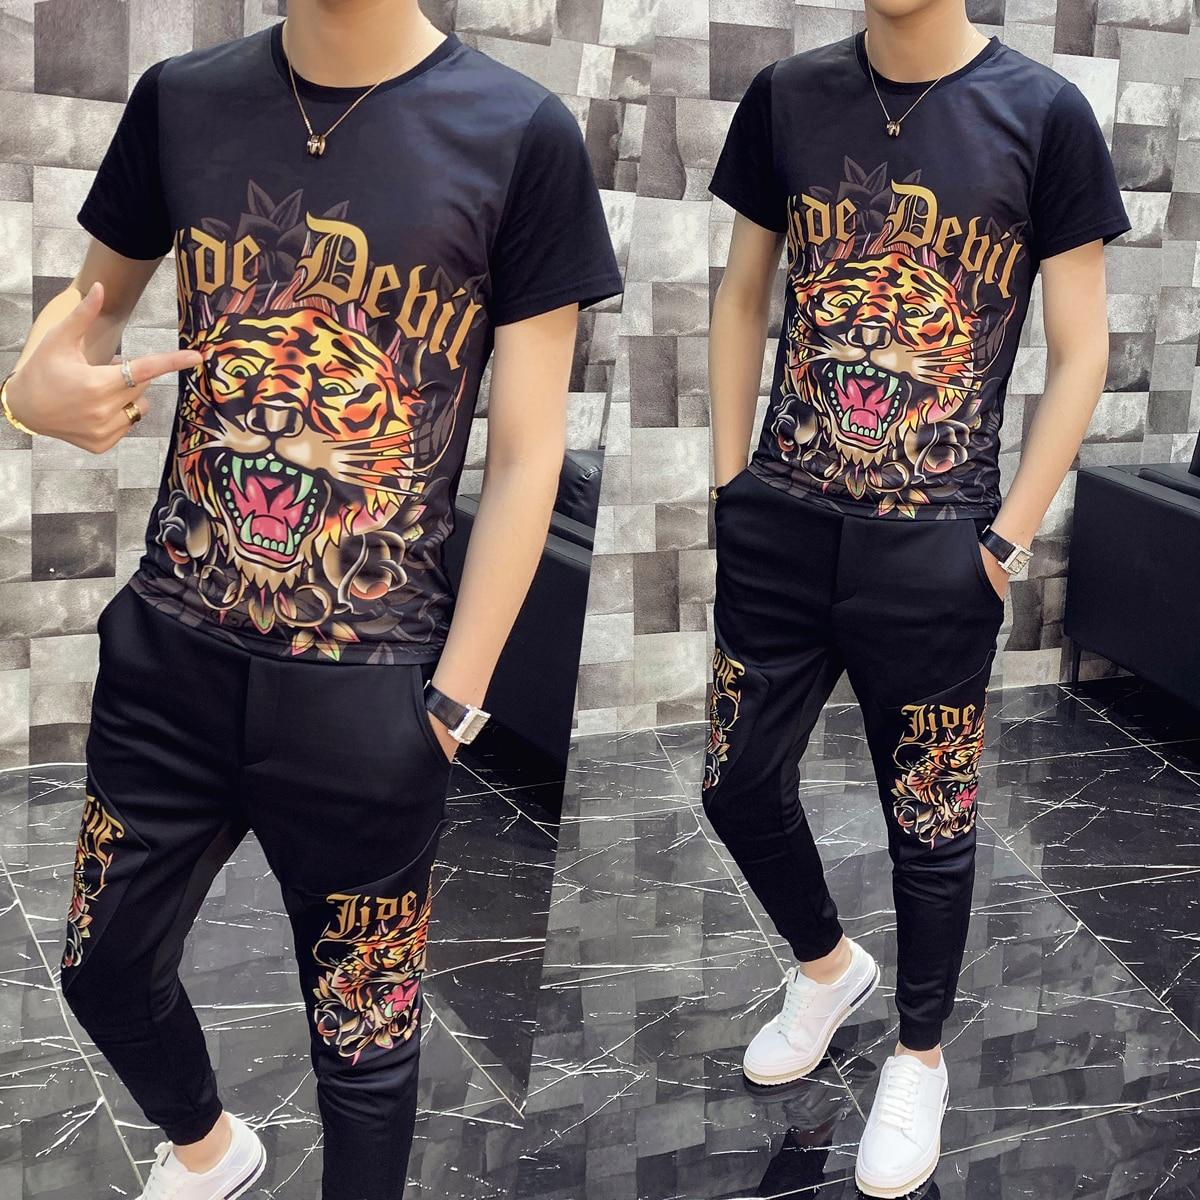 Male SpringTwo-piece Sports Pants Casual Suit Man's Sets New Streetwear 2020 Tracksuit Men Hip Hop Suits Short Sleeve T Shirt